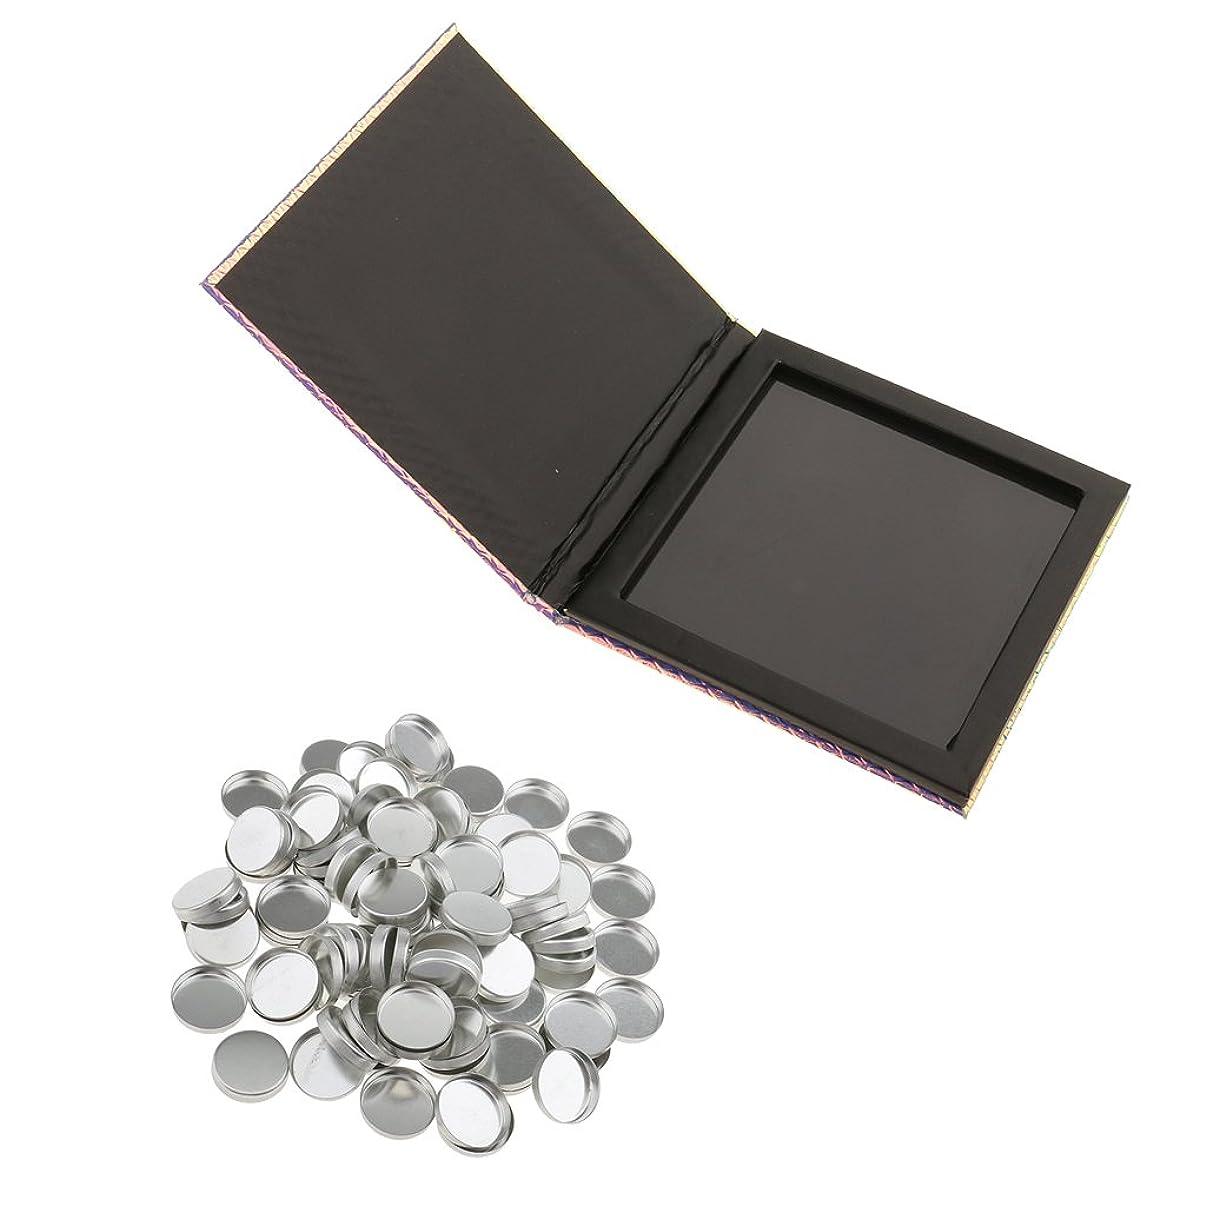 なくなる頑丈違反するDIY 磁気パレットボックス アイシャドー パウダー 化粧品ケース(100個) メイクアップパン 旅行 出張